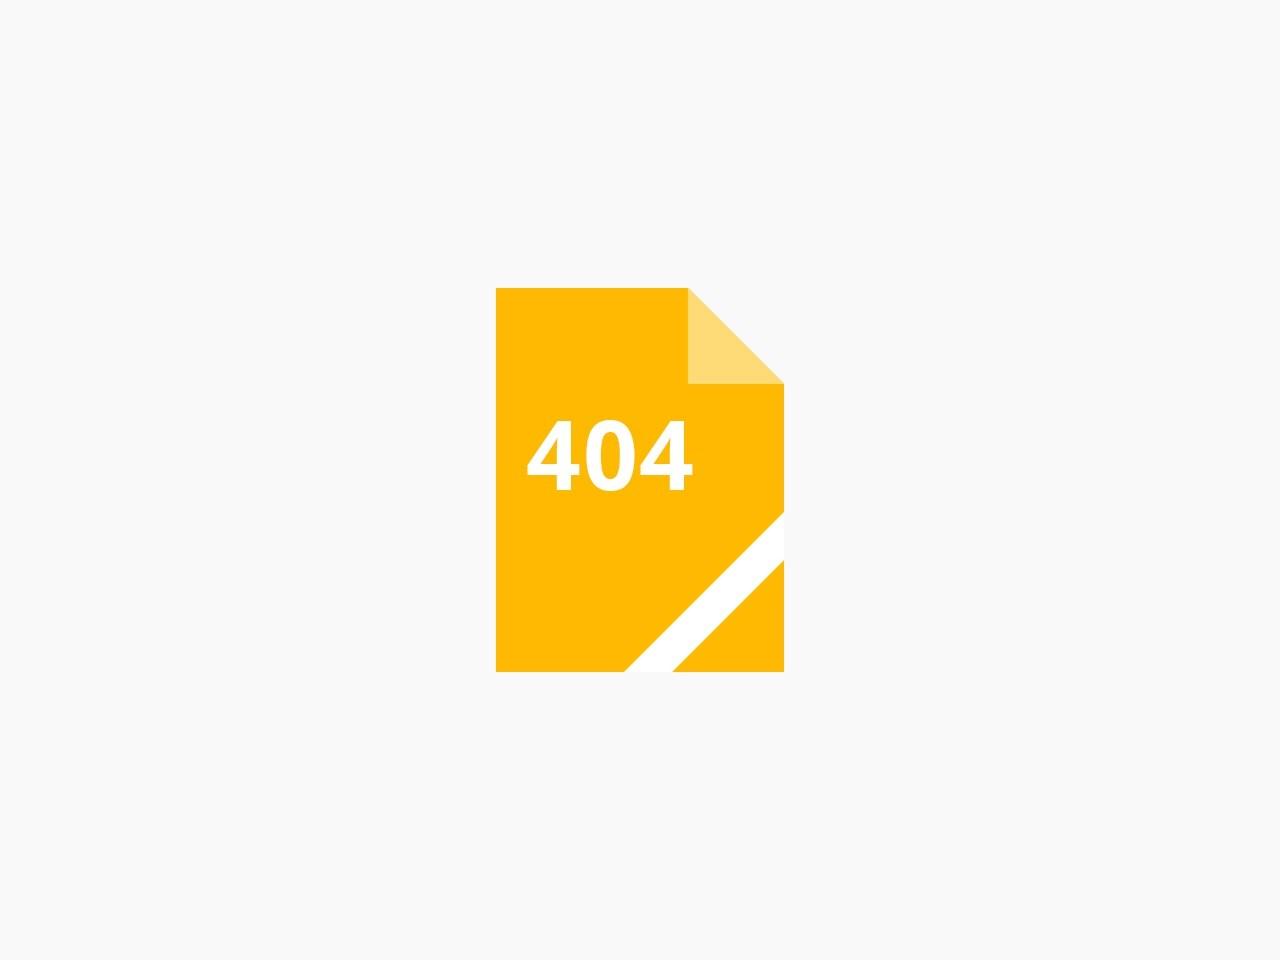 総合リサイクルショップ TRISTAR | 美容機器 美顔機 治療器 工作機械 浄水器 楽器など高価買取中!